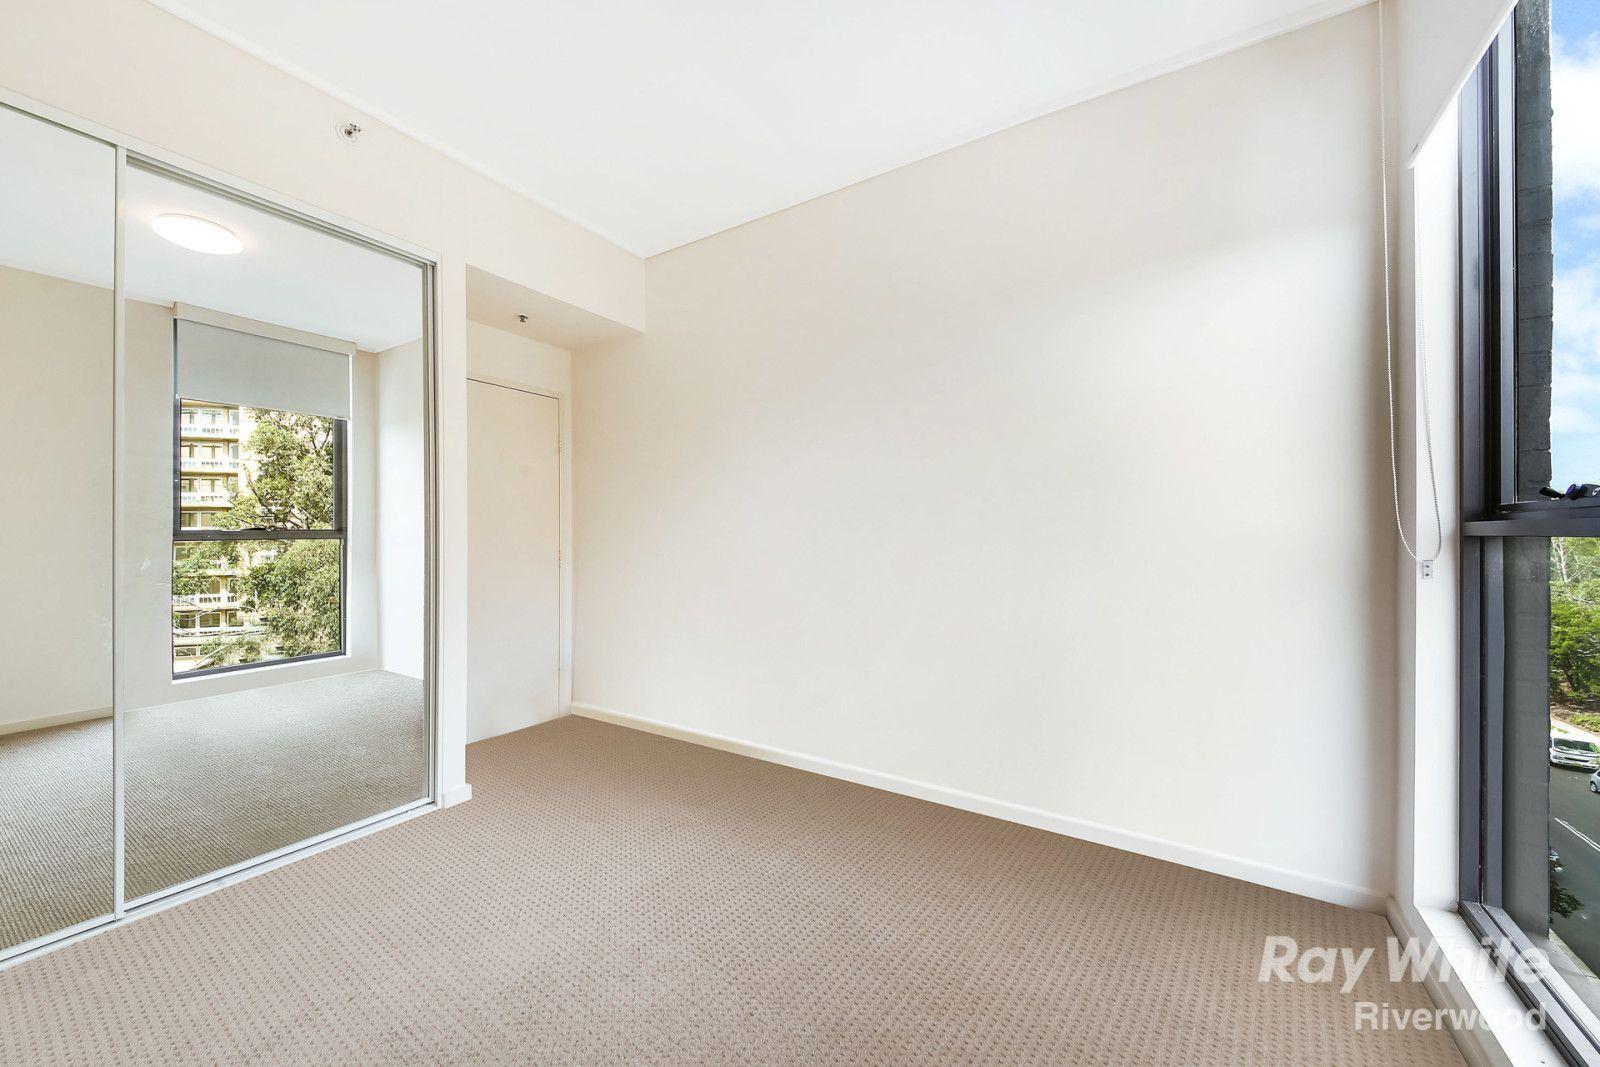 507/7 Washington Ave, Riverwood NSW 2210, Image 2